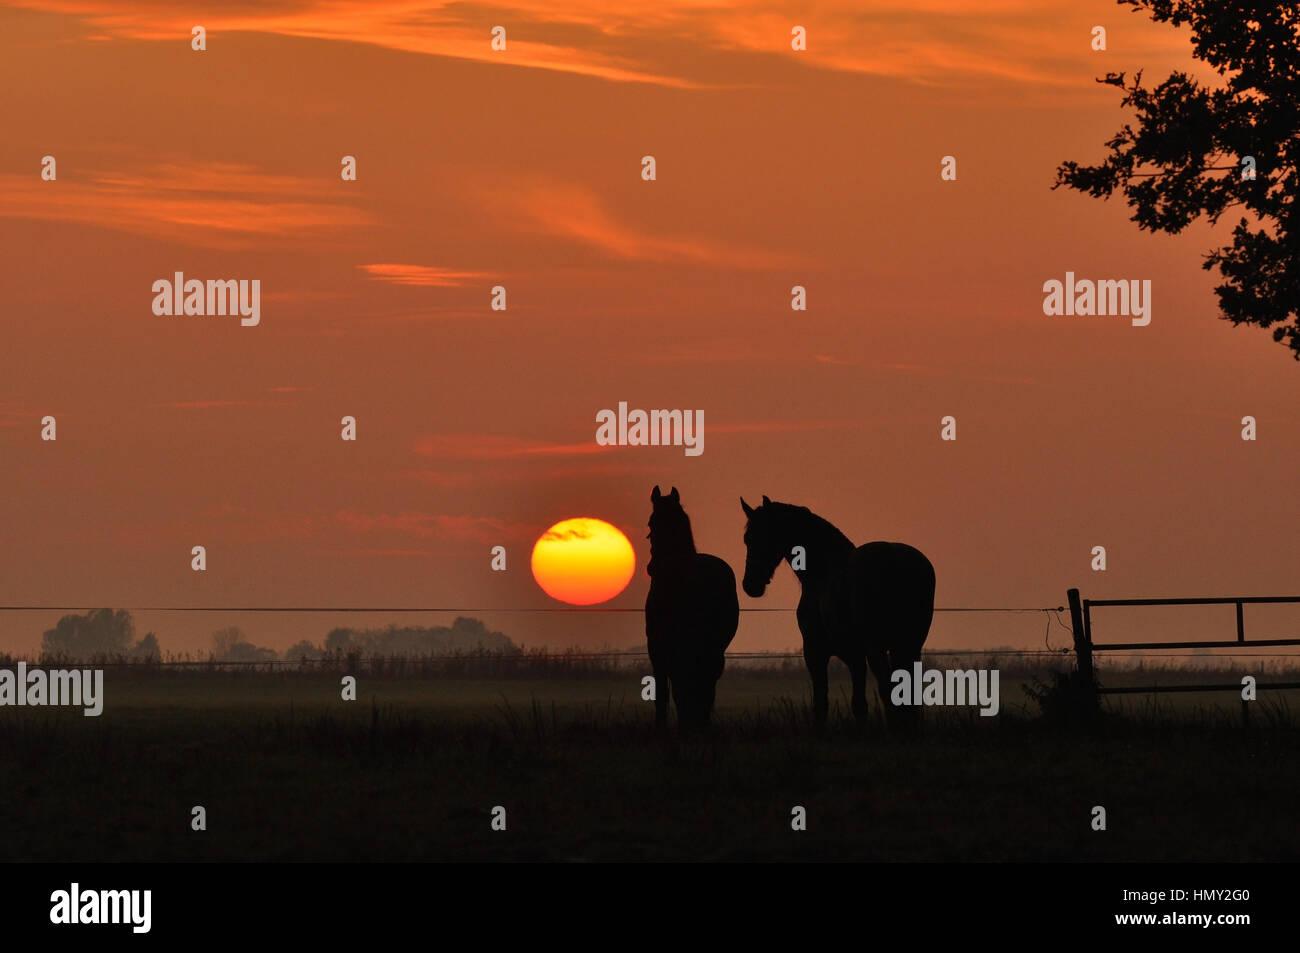 Deux chevaux dans un champ au coucher du soleil Photo Stock